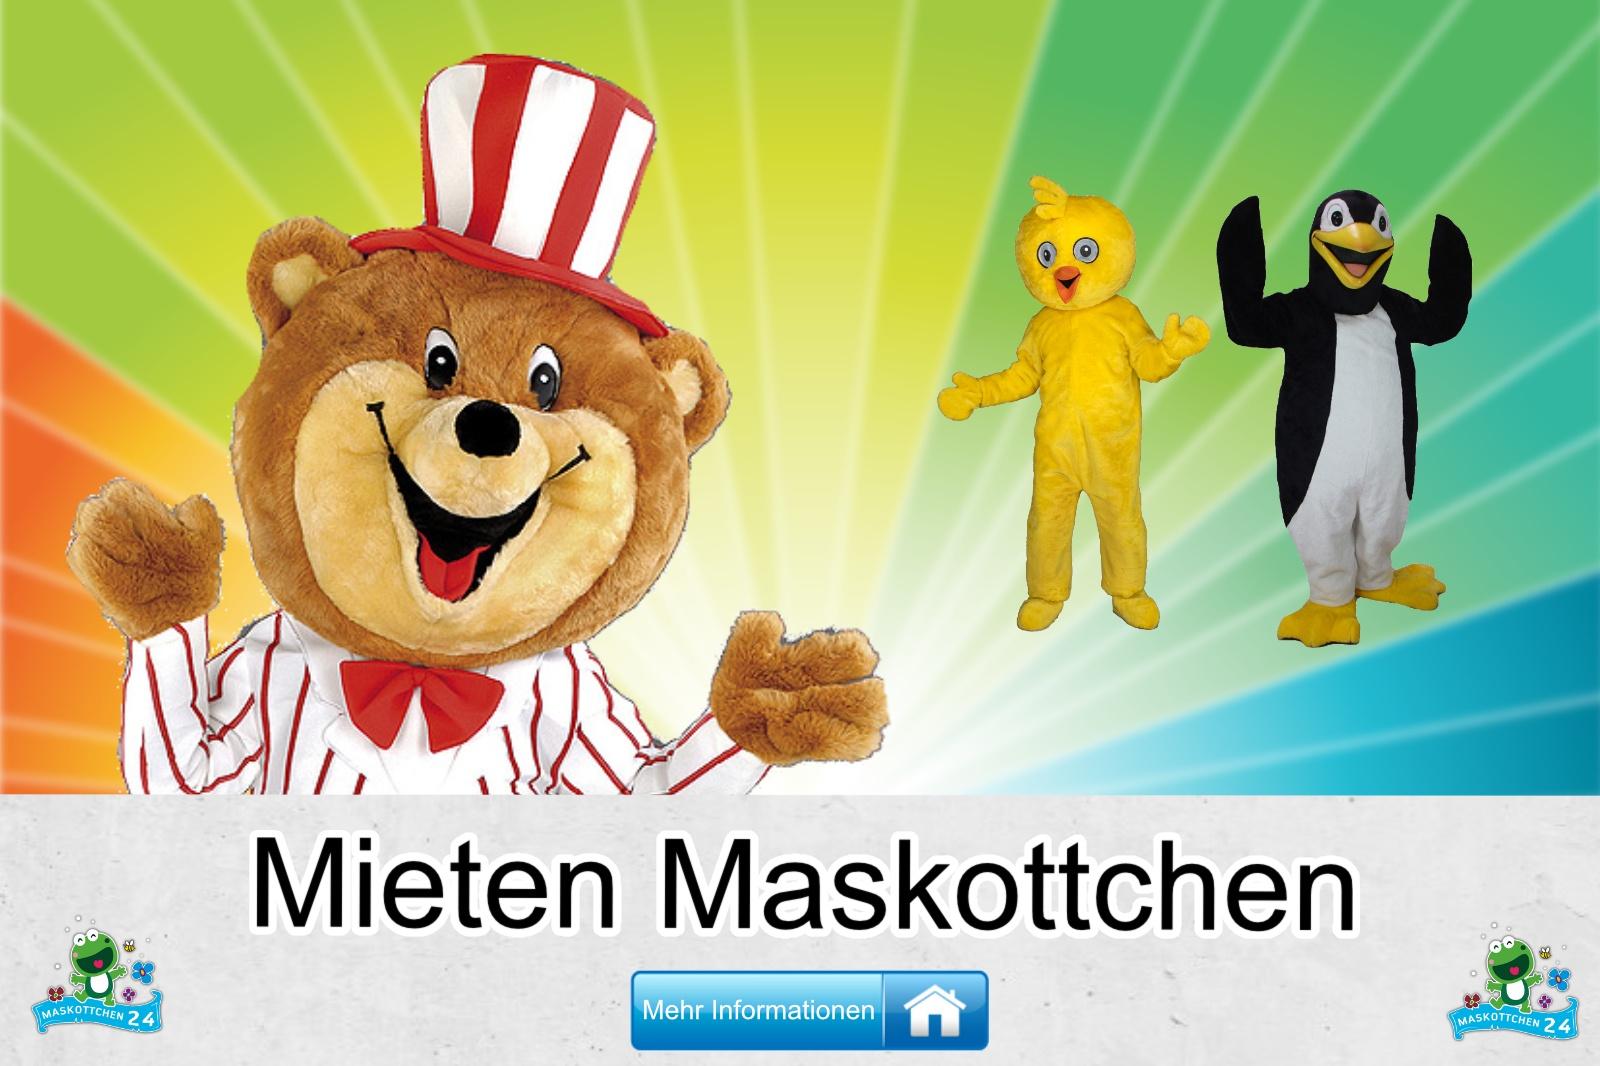 Mieten Maskottchen Kostüm kaufen, günstige Produktion / Herstellung